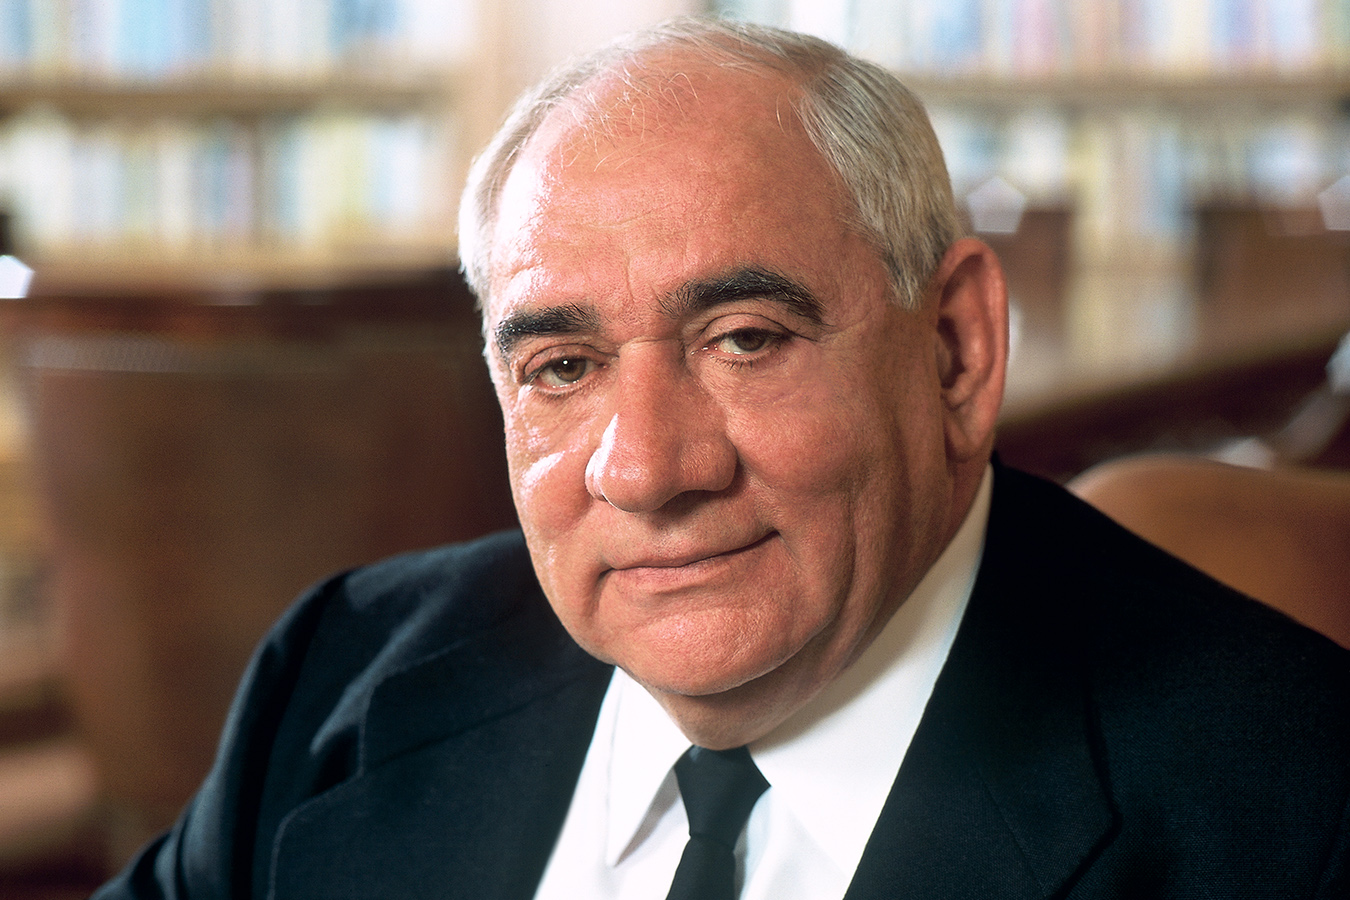 El Corte Inglés Chairman ISIDORO ÁLVAREZ